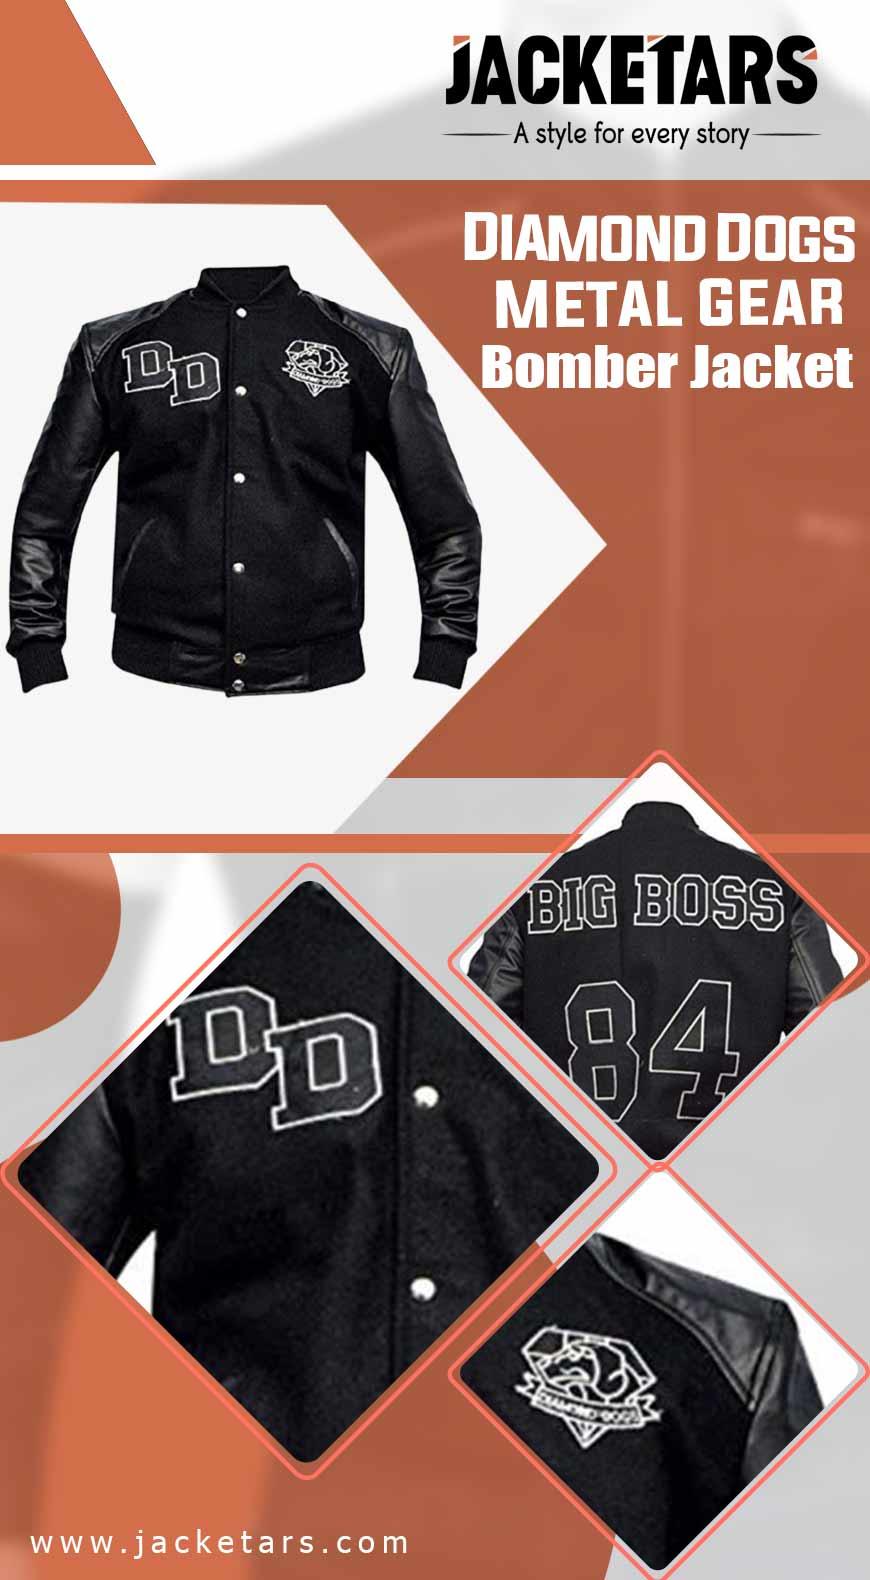 Diamond Dogs Metal Gear Bomber Jacket info